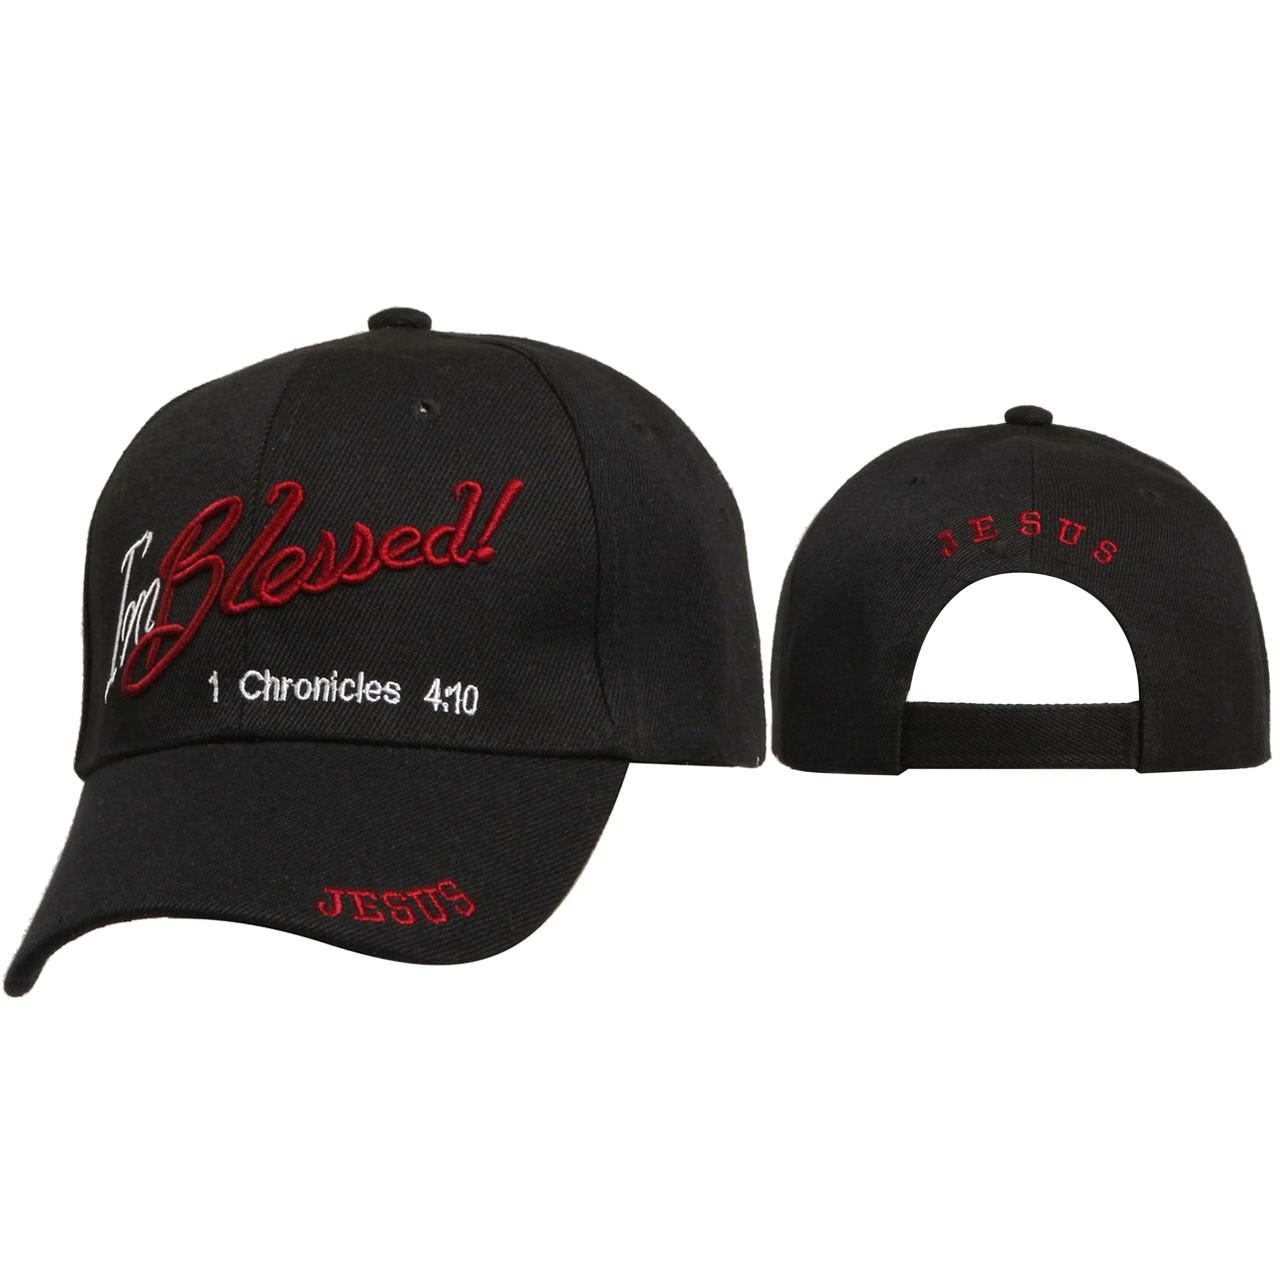 Caps Wholesale ~ I'm Blessed! ~ Black